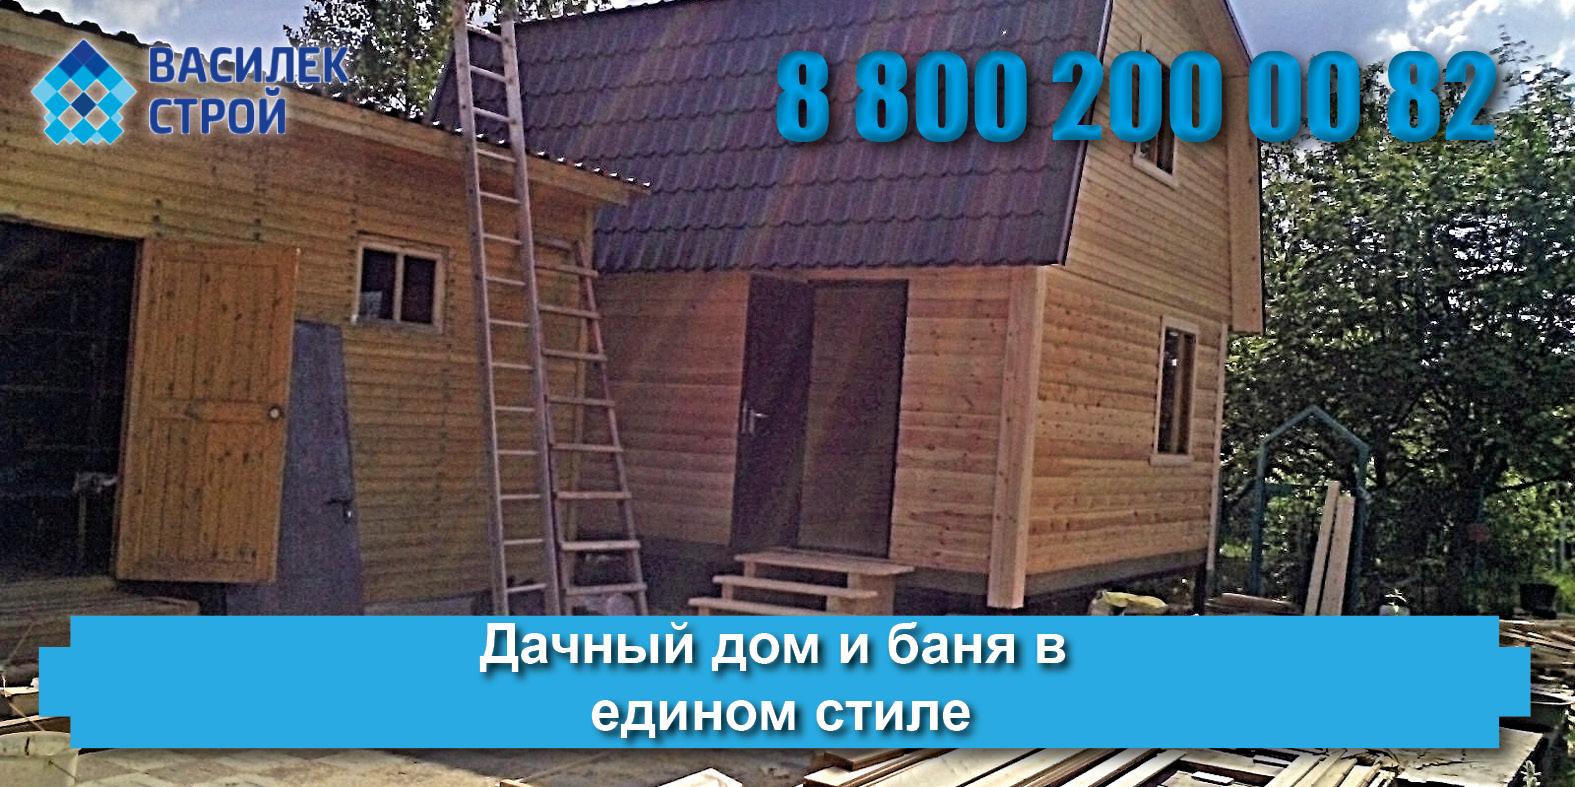 Готовые бесплатные проекты дачных домов с баней: уютный дачный дом из бруса и баня из бруса